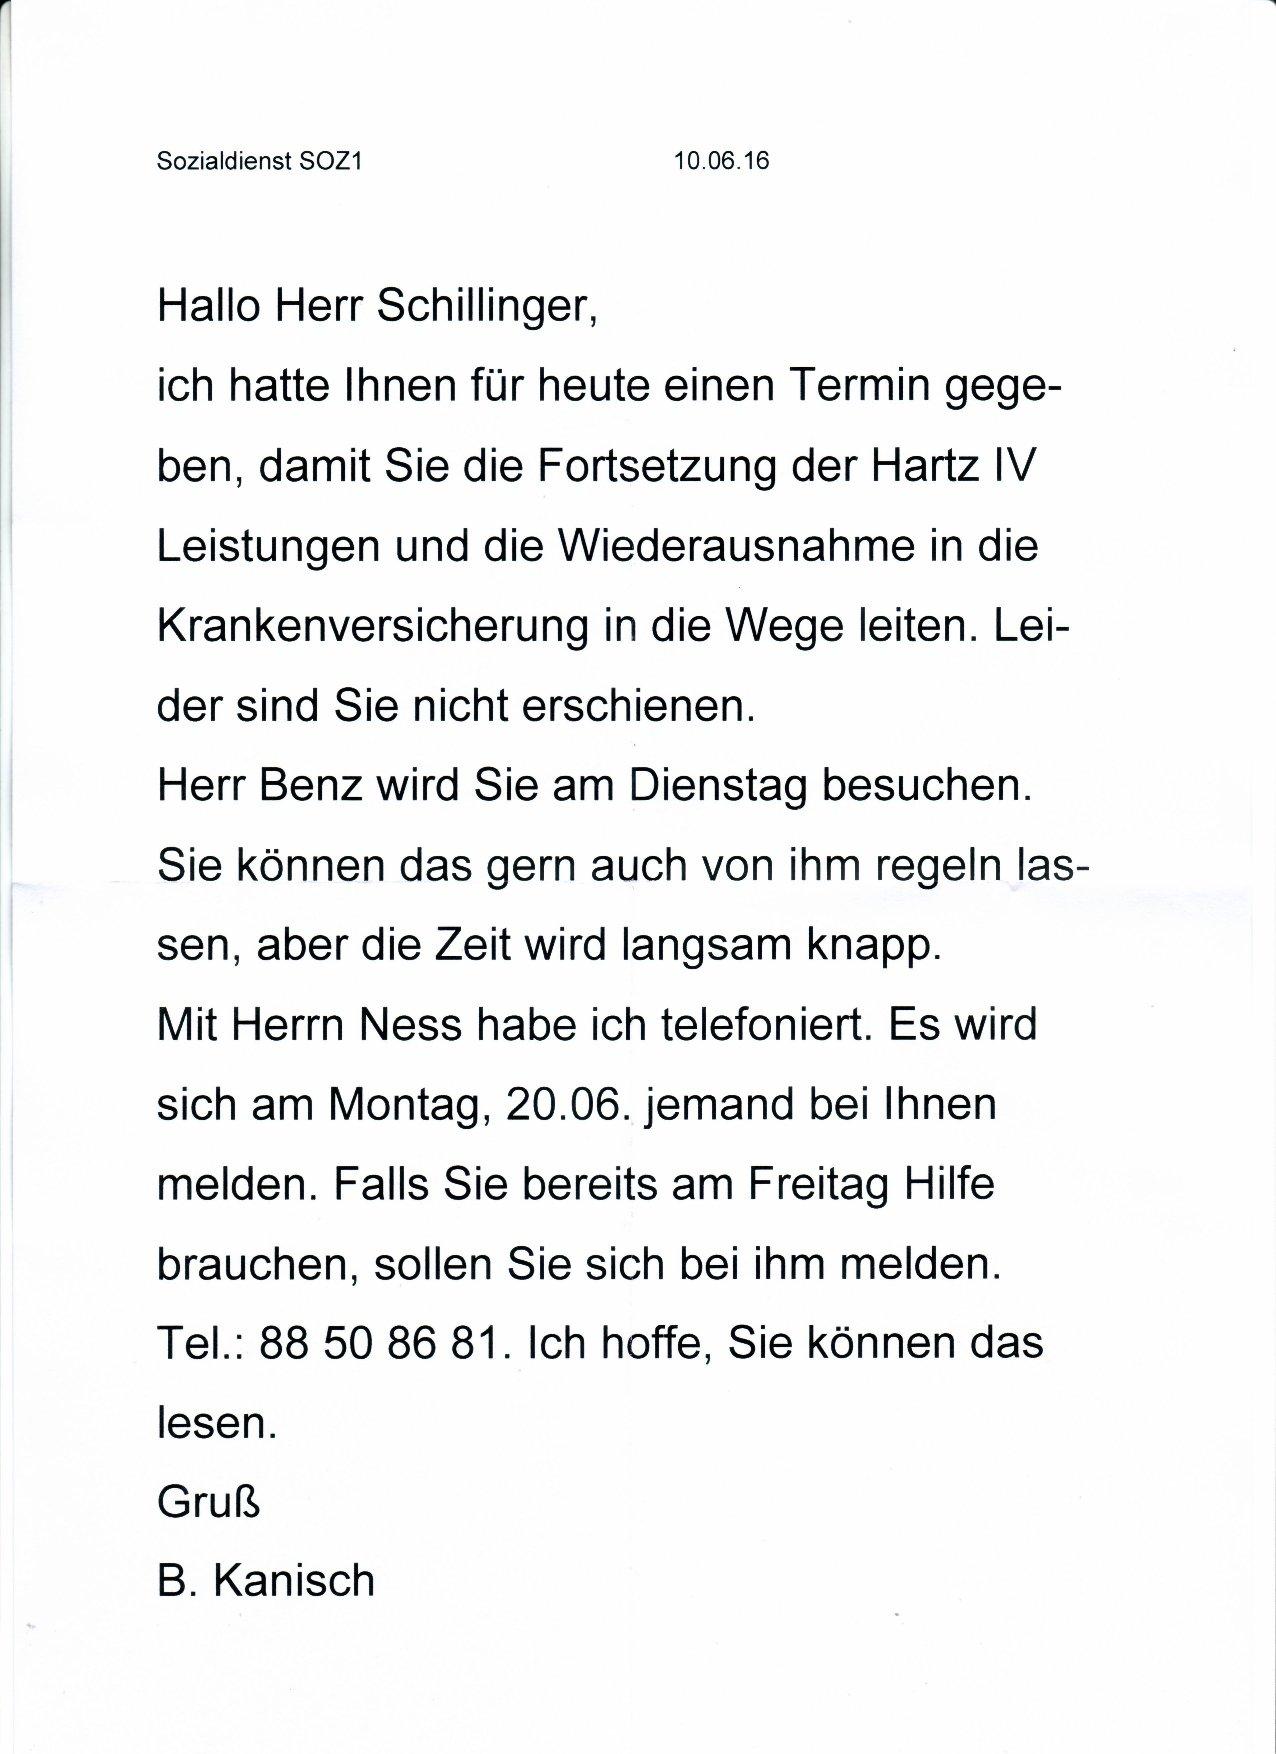 Merkel / Kretschmann – Verbrechen gegen Menschenrechte – 03 | † Die ...